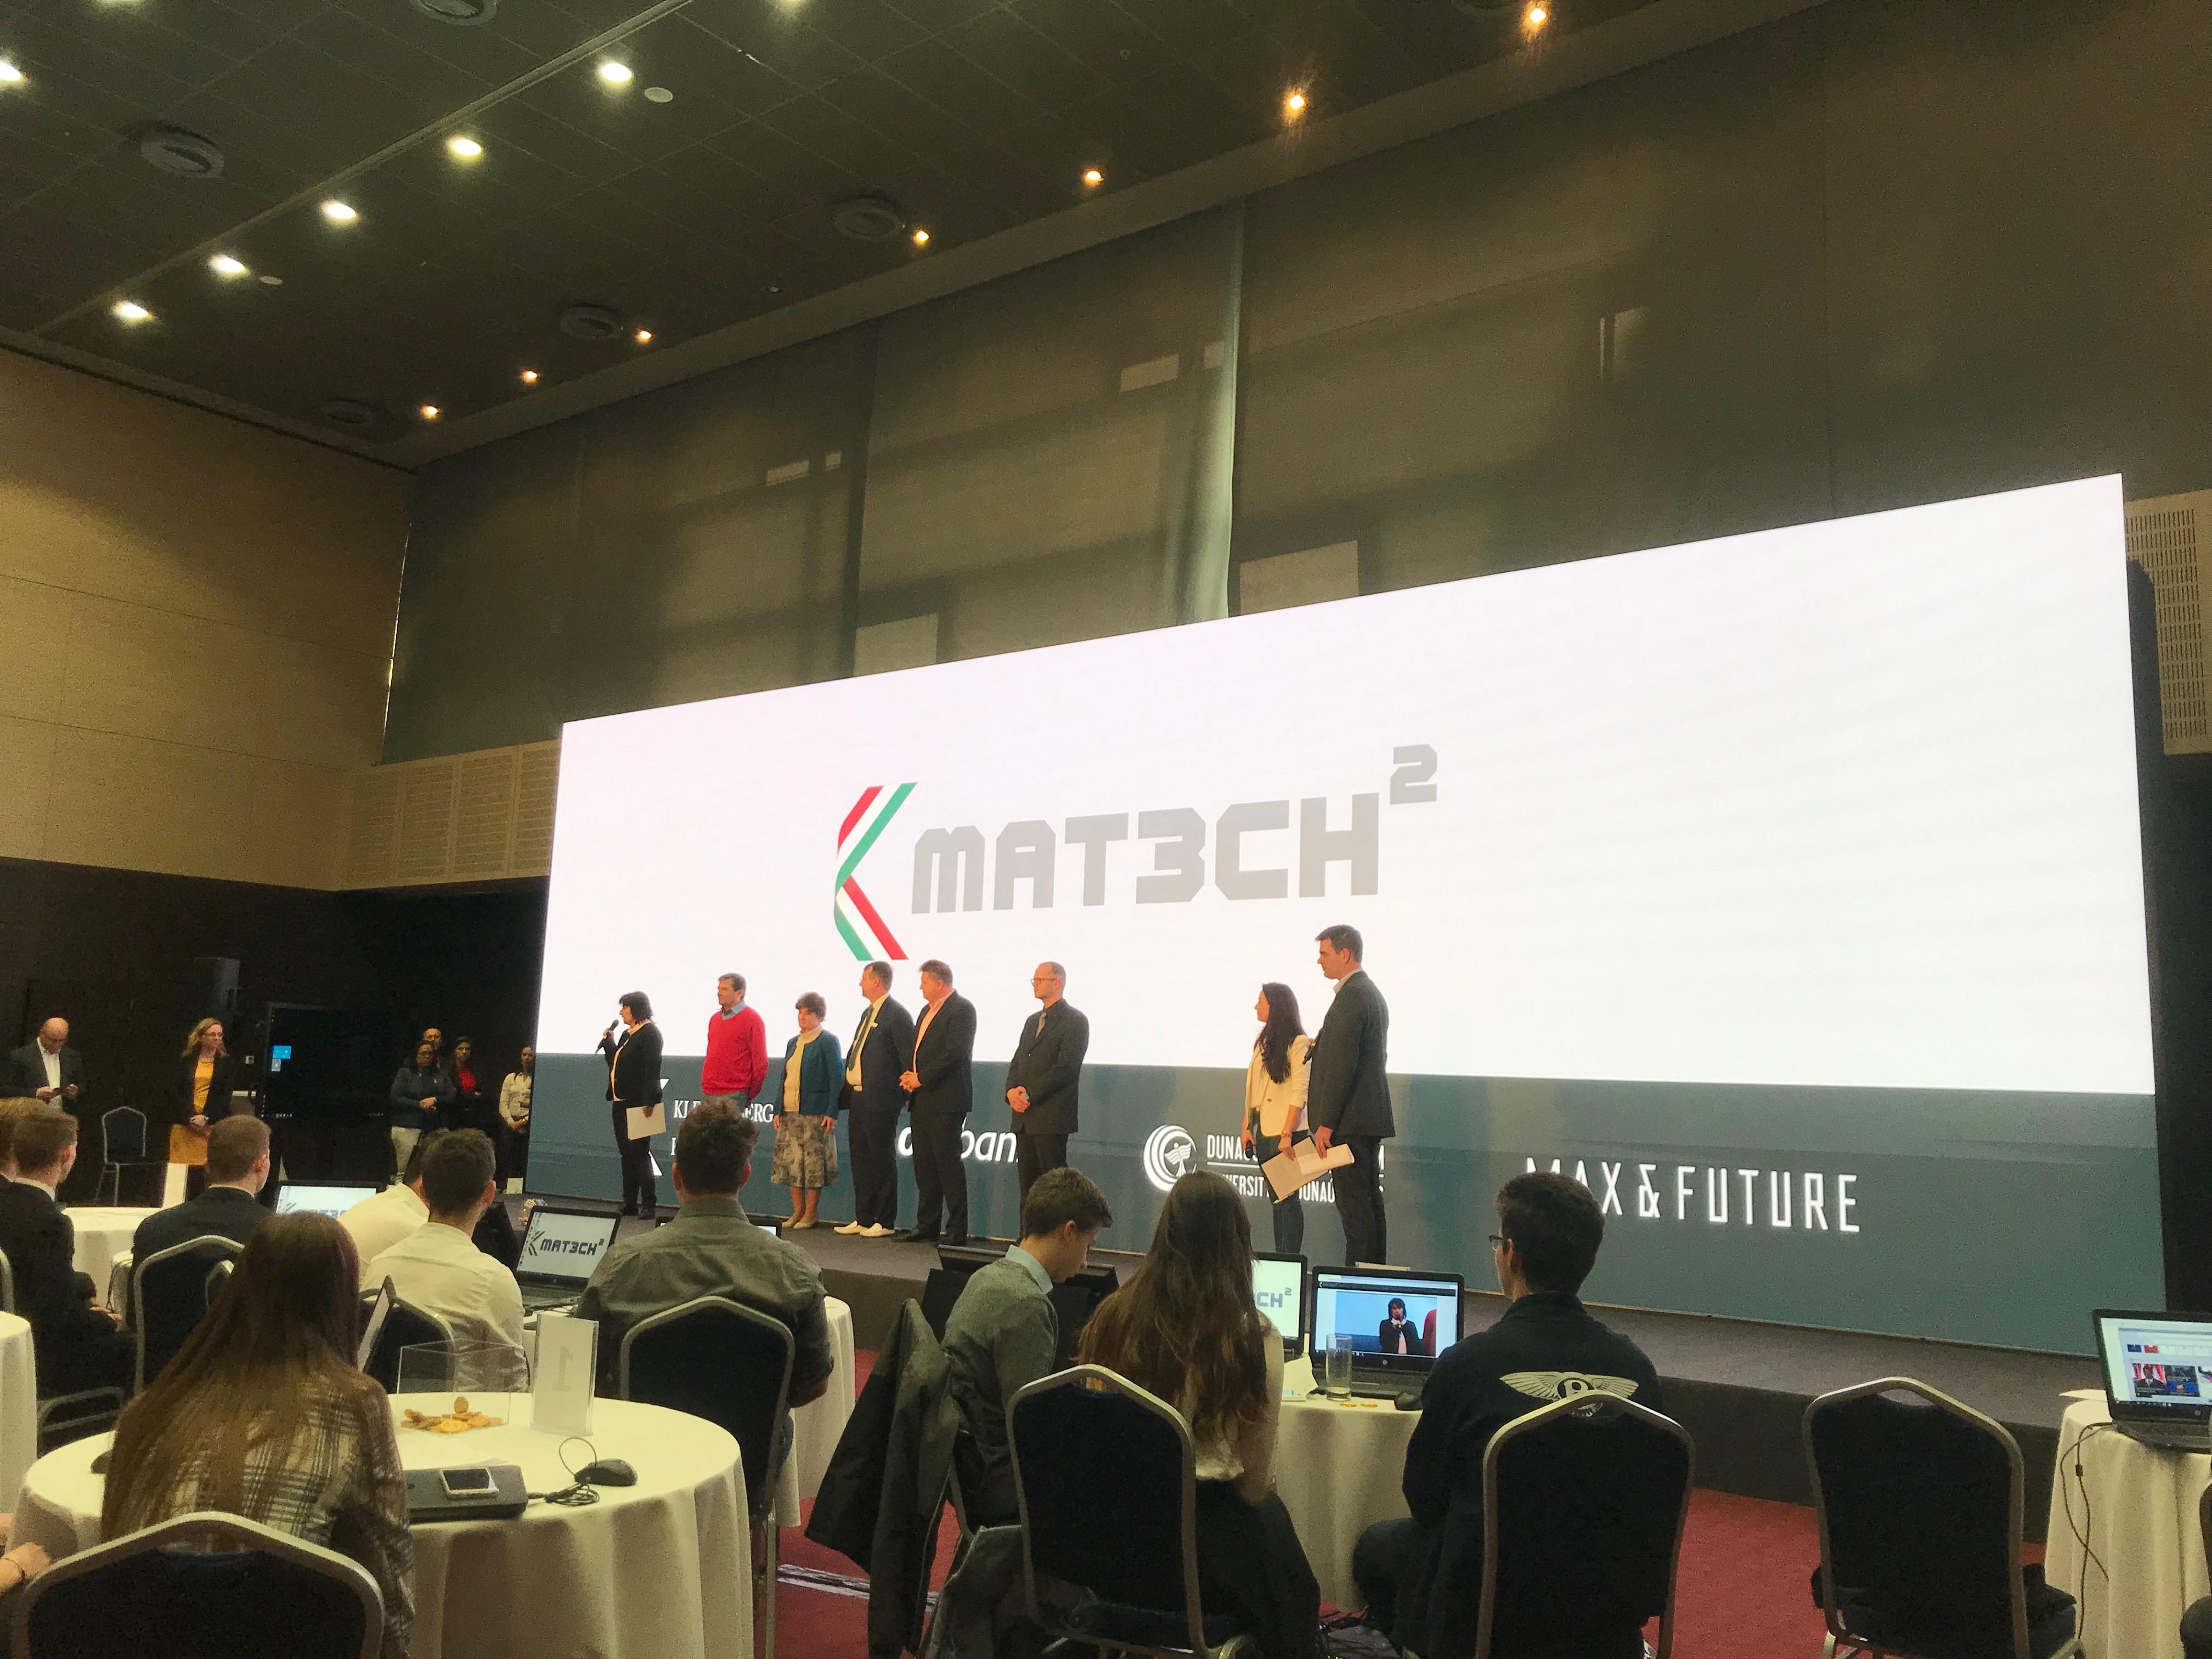 Matech_díjátadó